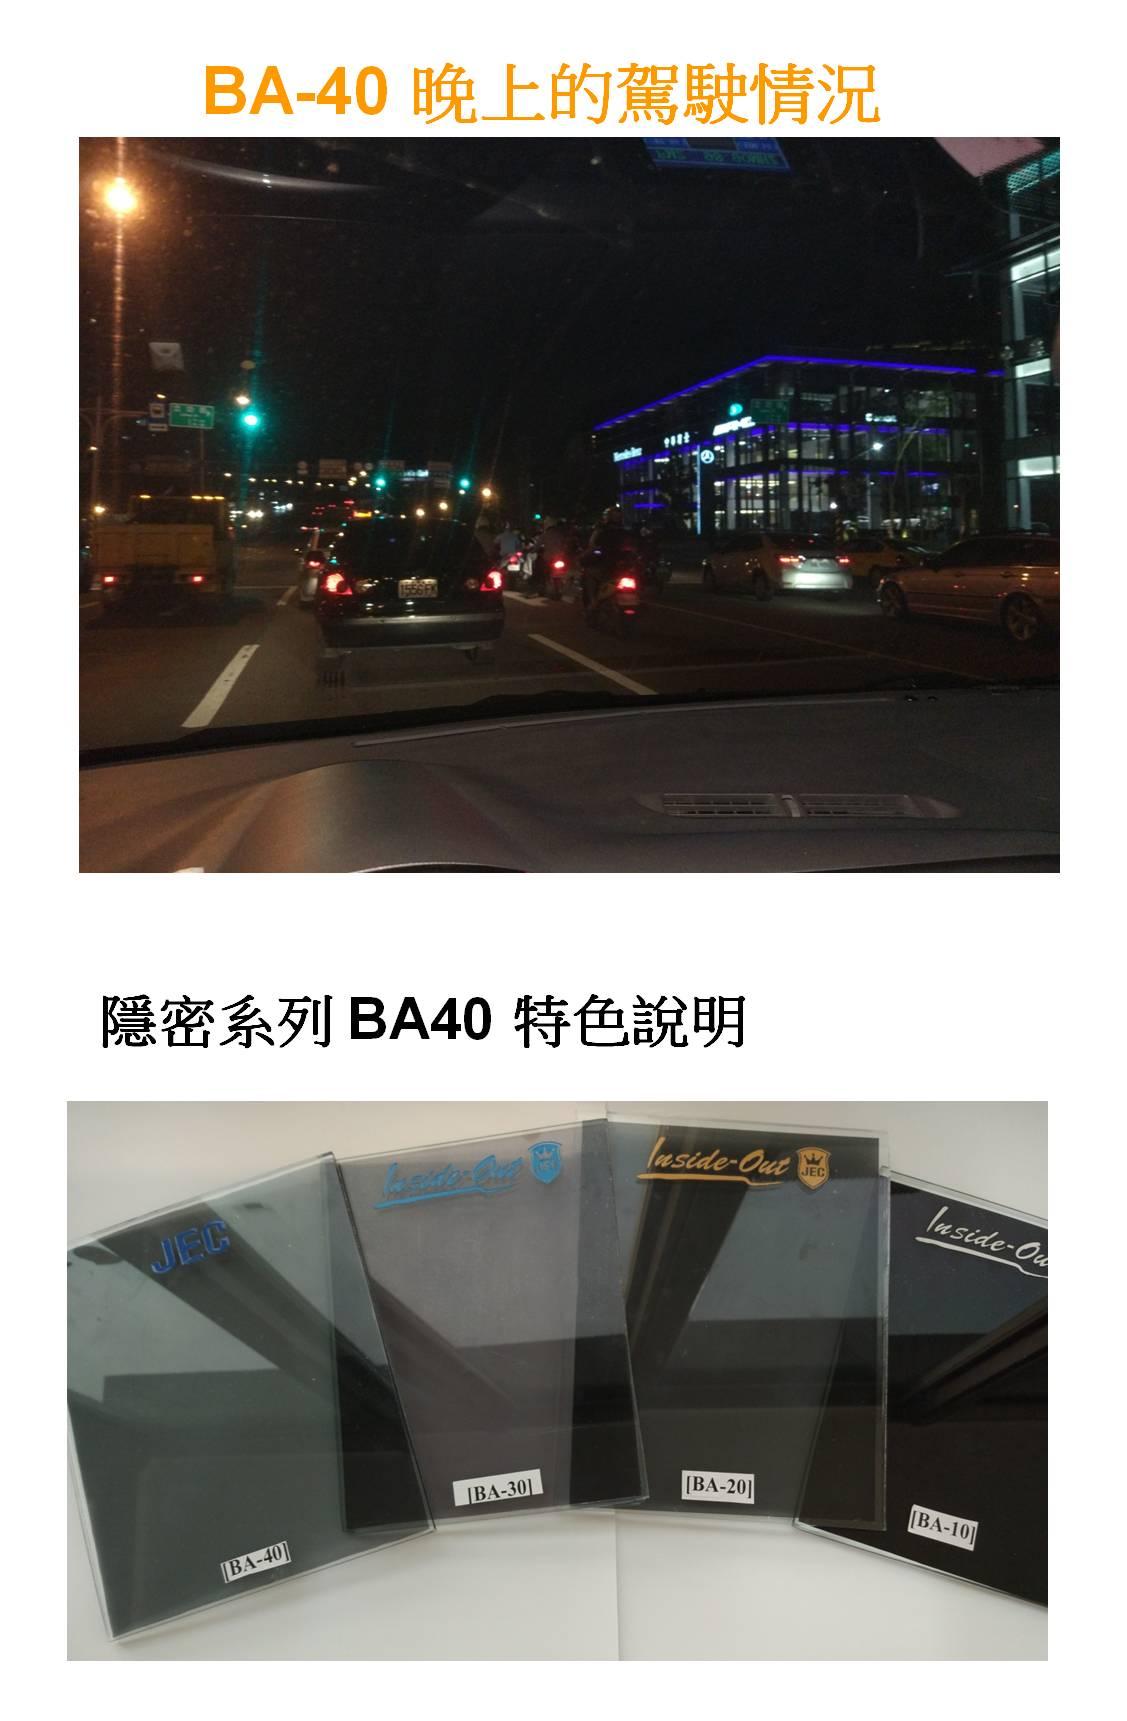 BA-40 晚上的駕駛情況 隱密系列 BA40 特色說明